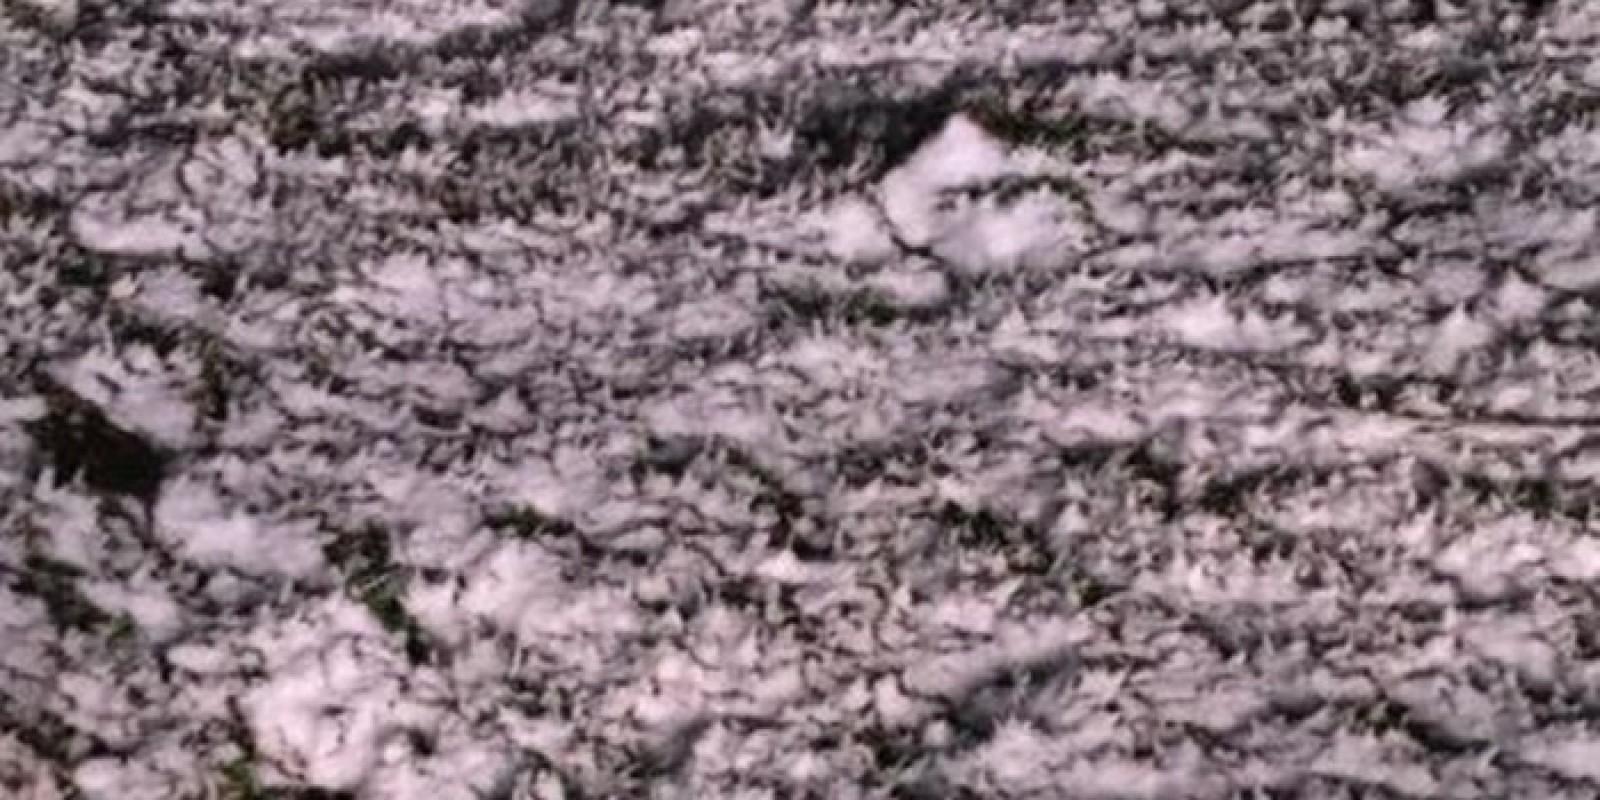 Santa Catarina registra a primeira neve acumulada do ano